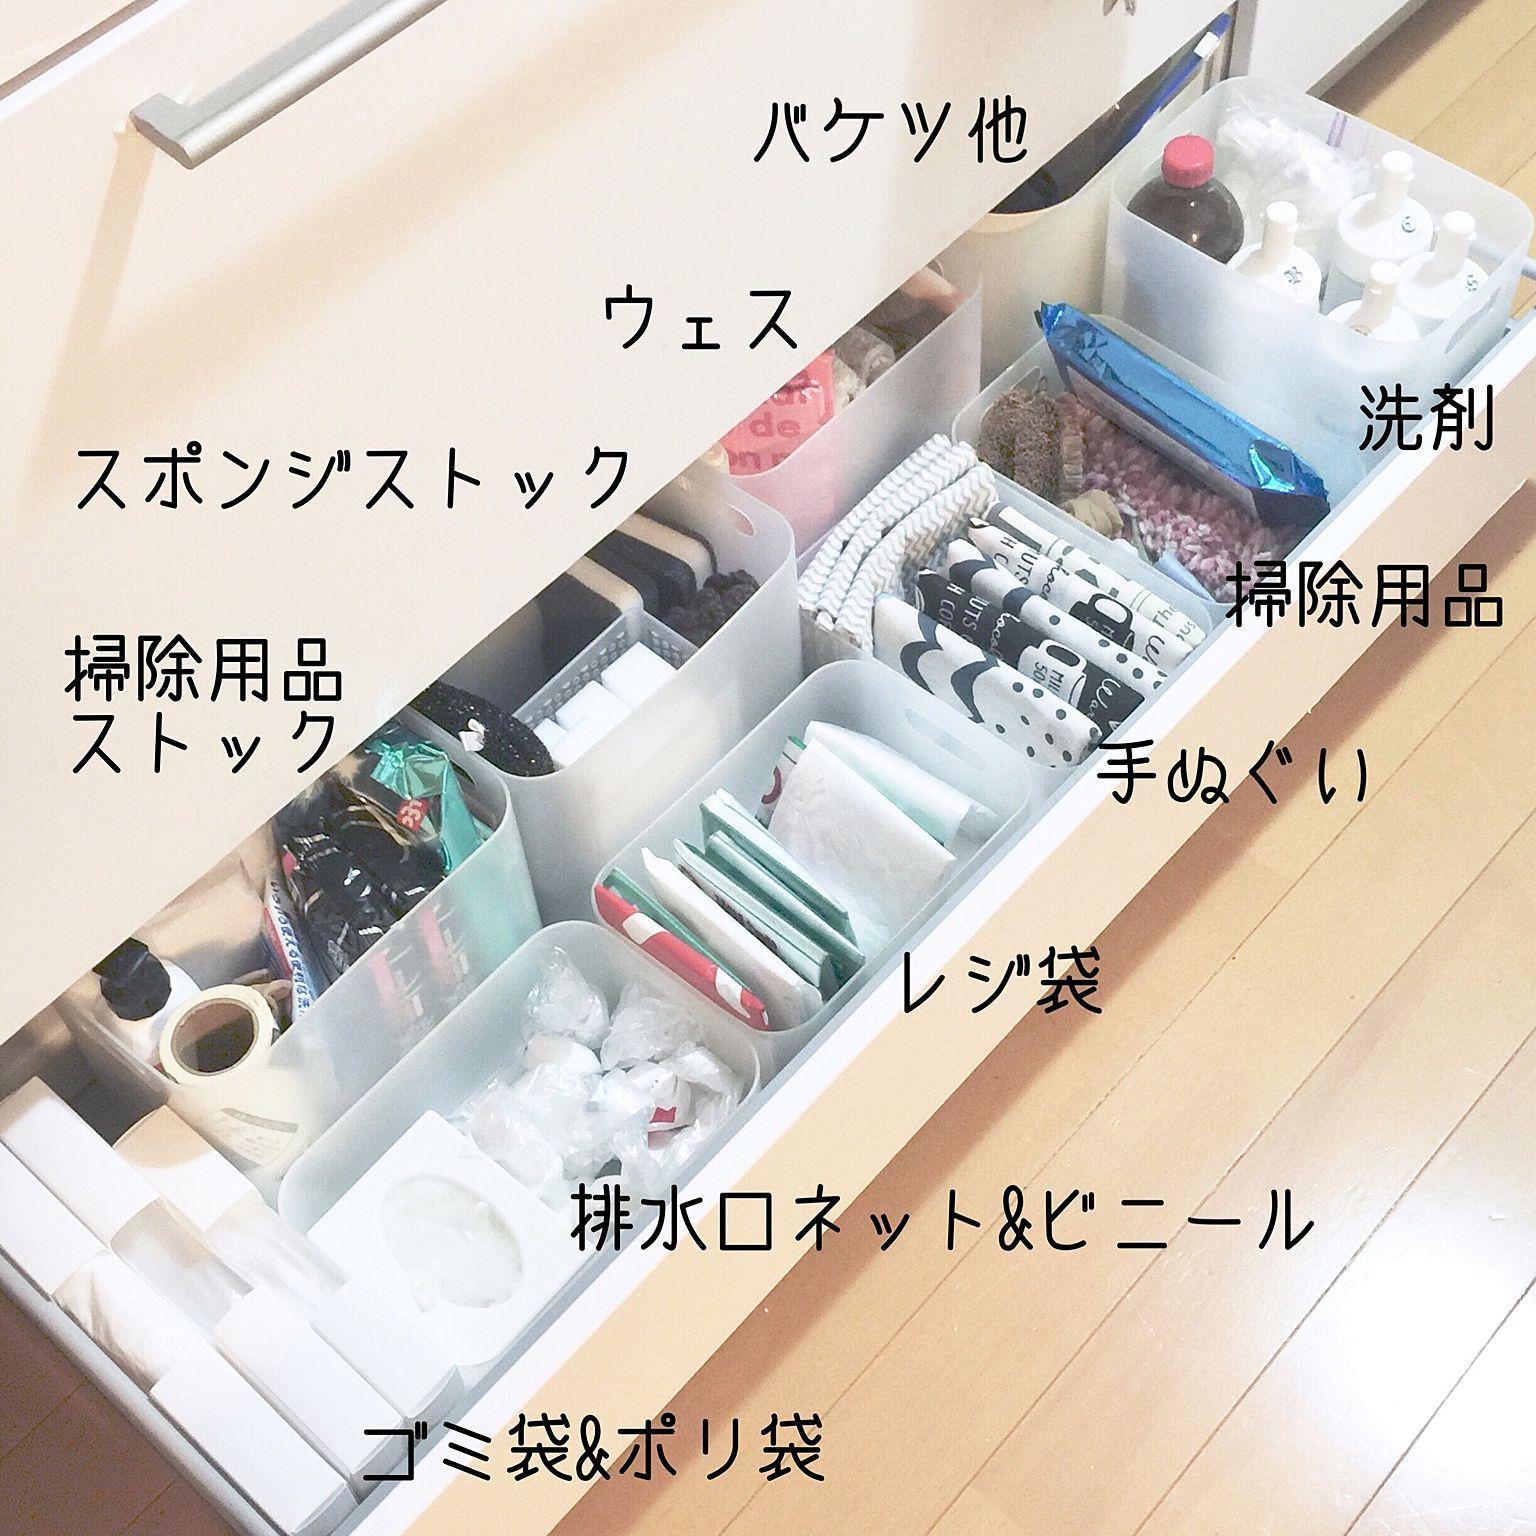 キッチン 掃除グッズ 掃除用品 積み重ねボックス 100均 などの